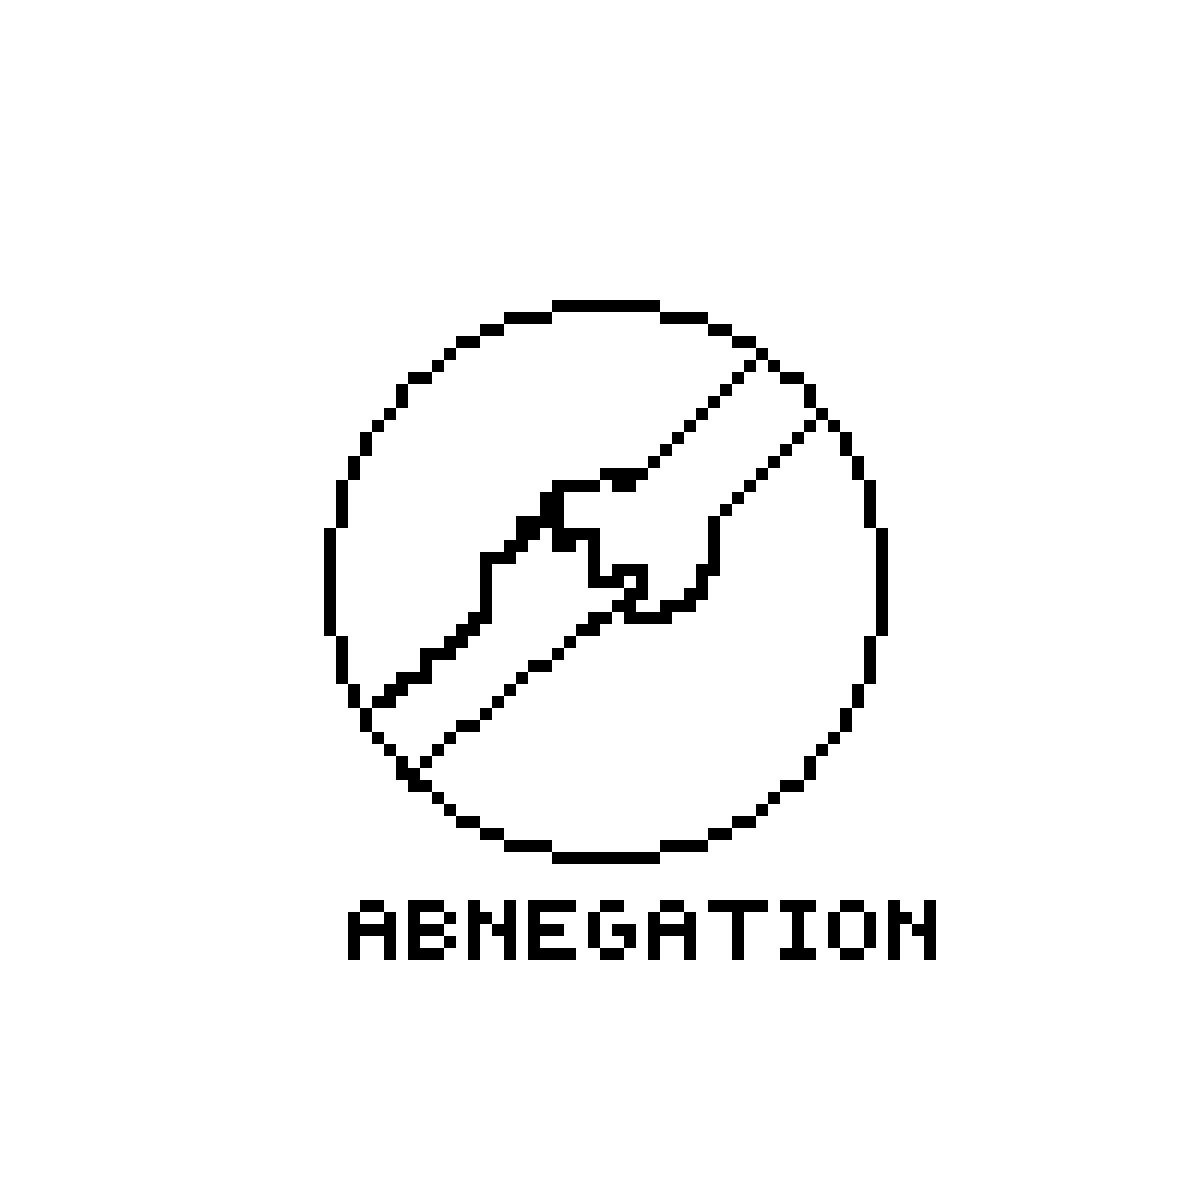 Abnegation Seal by thikkikikki04